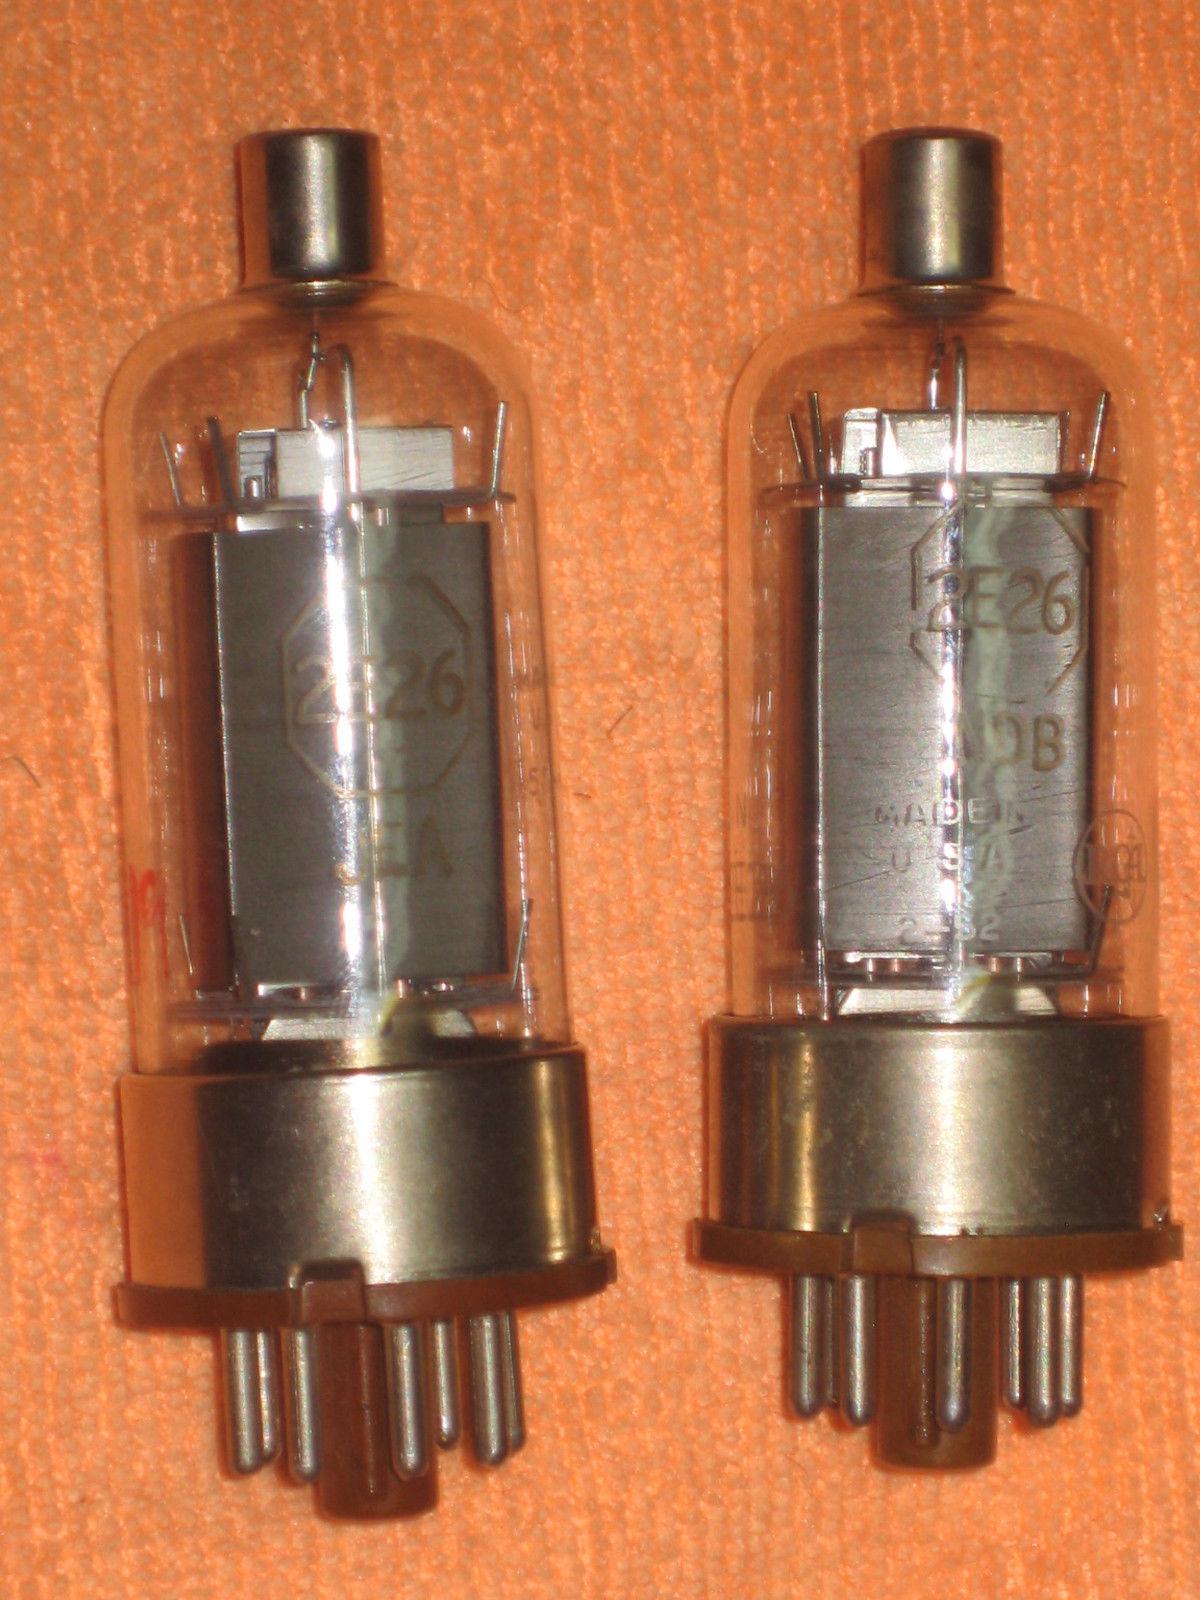 Vintage Radio Vacuum Tube (one): 2E26 - Tested Good